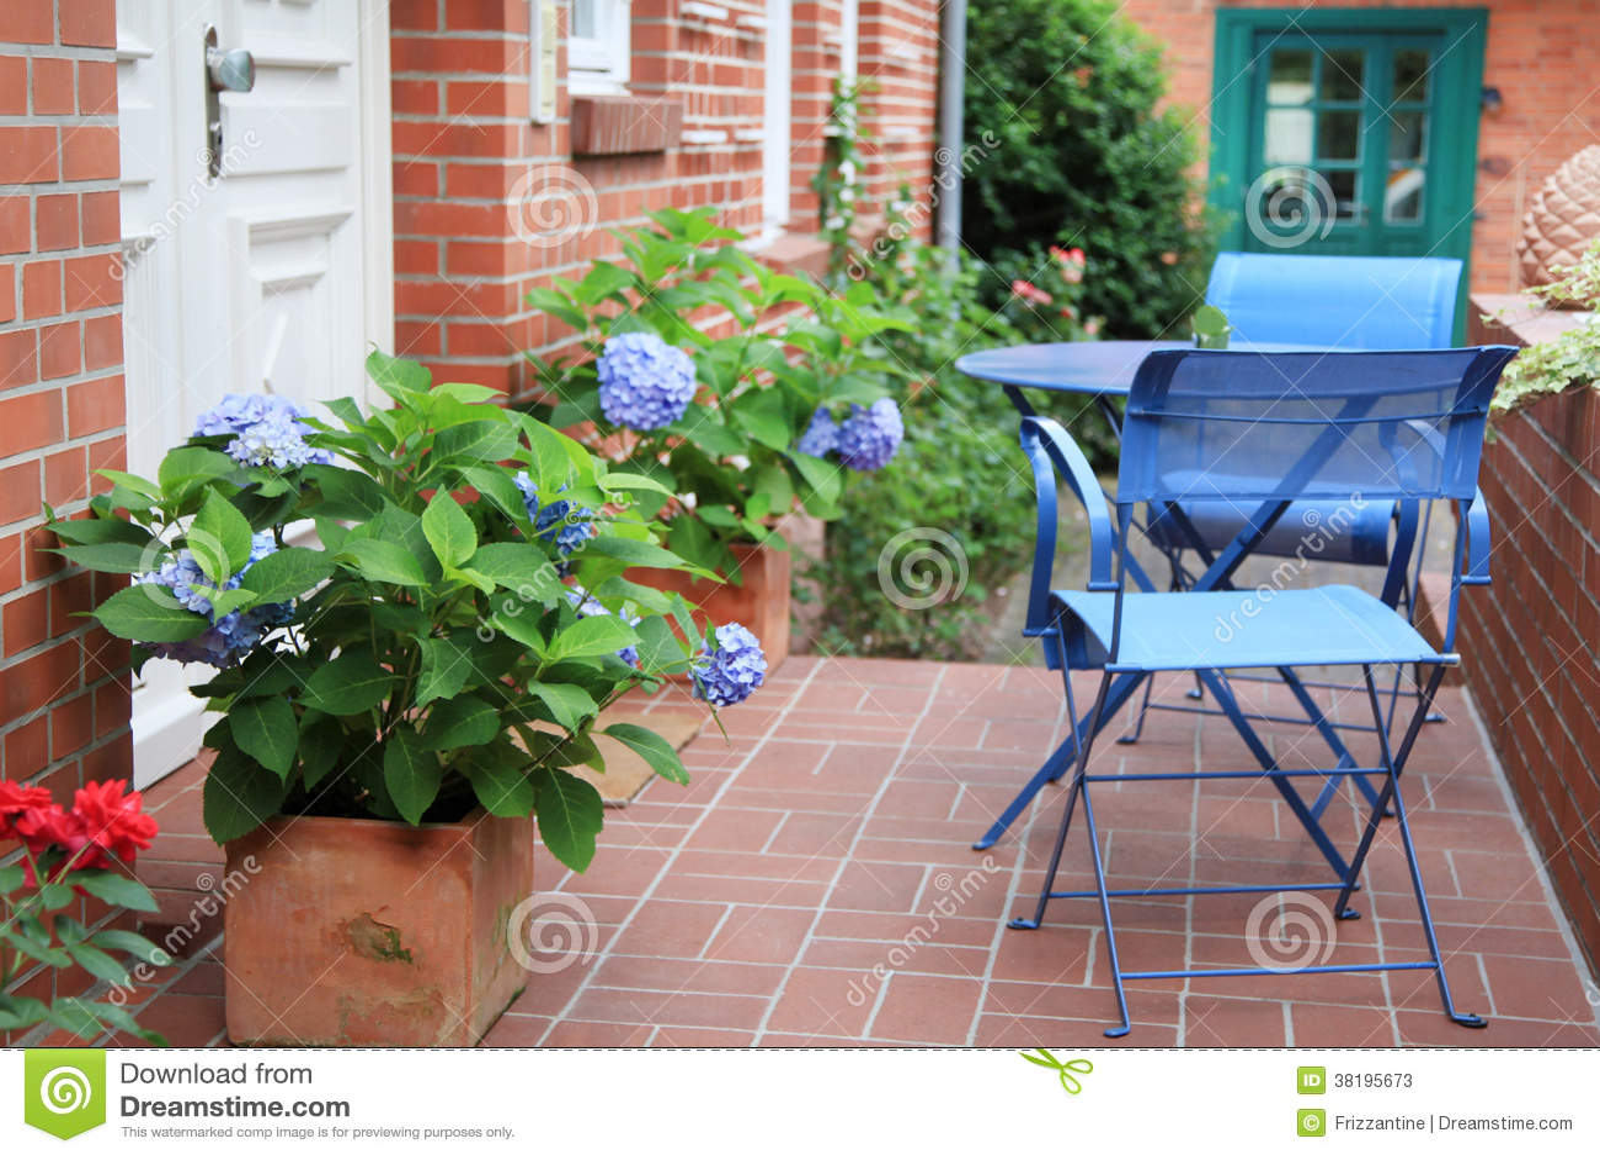 Maison en pierre de brique vieille maison r nov e de ferme dans le style ca - Maison style campagnard ...